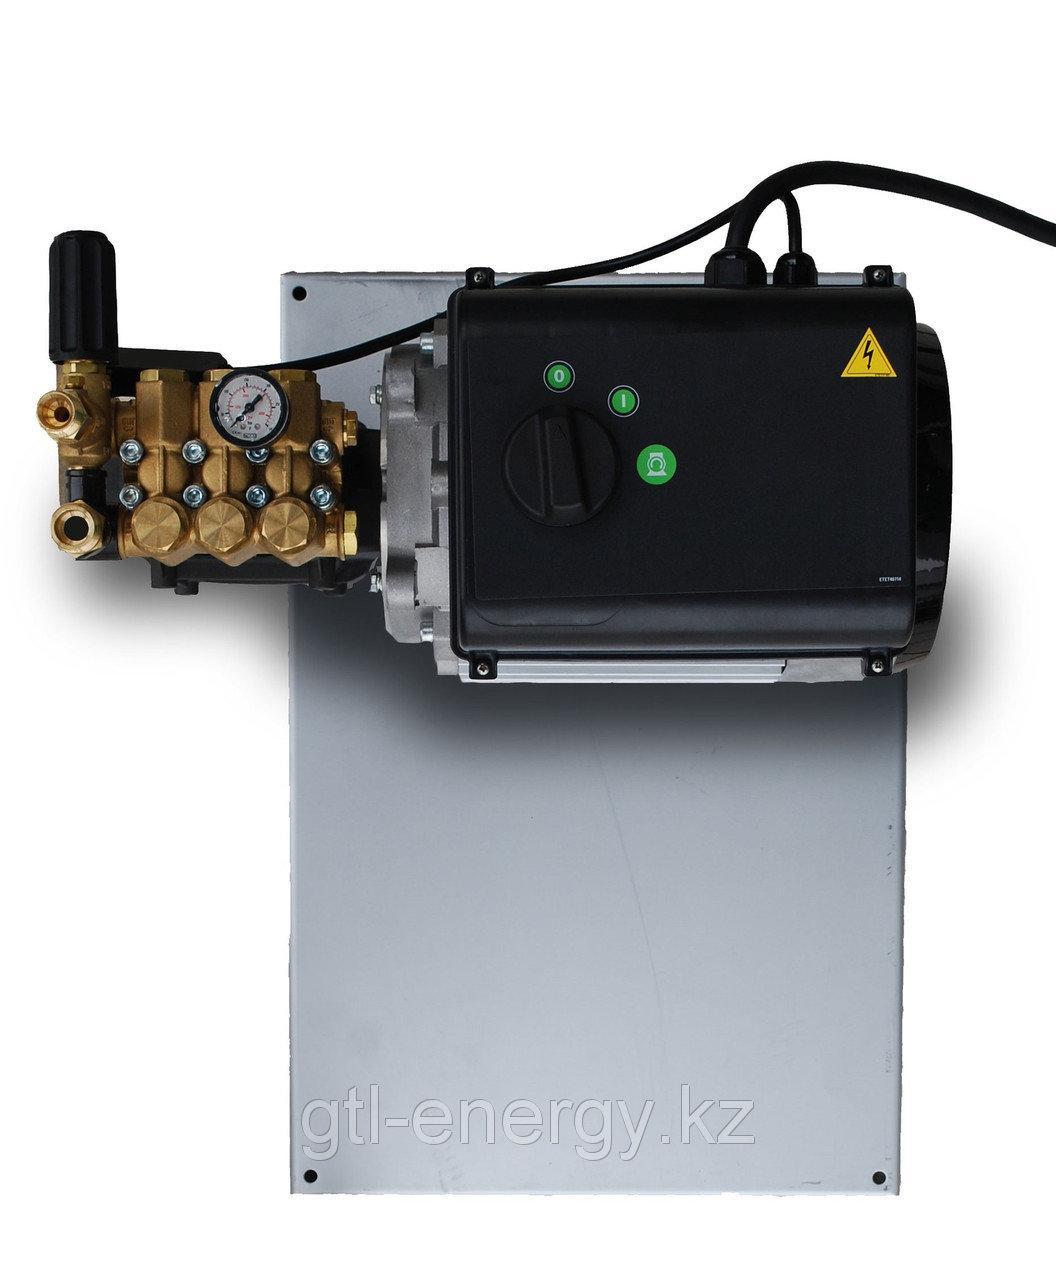 Аппараты высокого давления без нагрева воды (настенные) MLC-C 1915 P c E2B2014